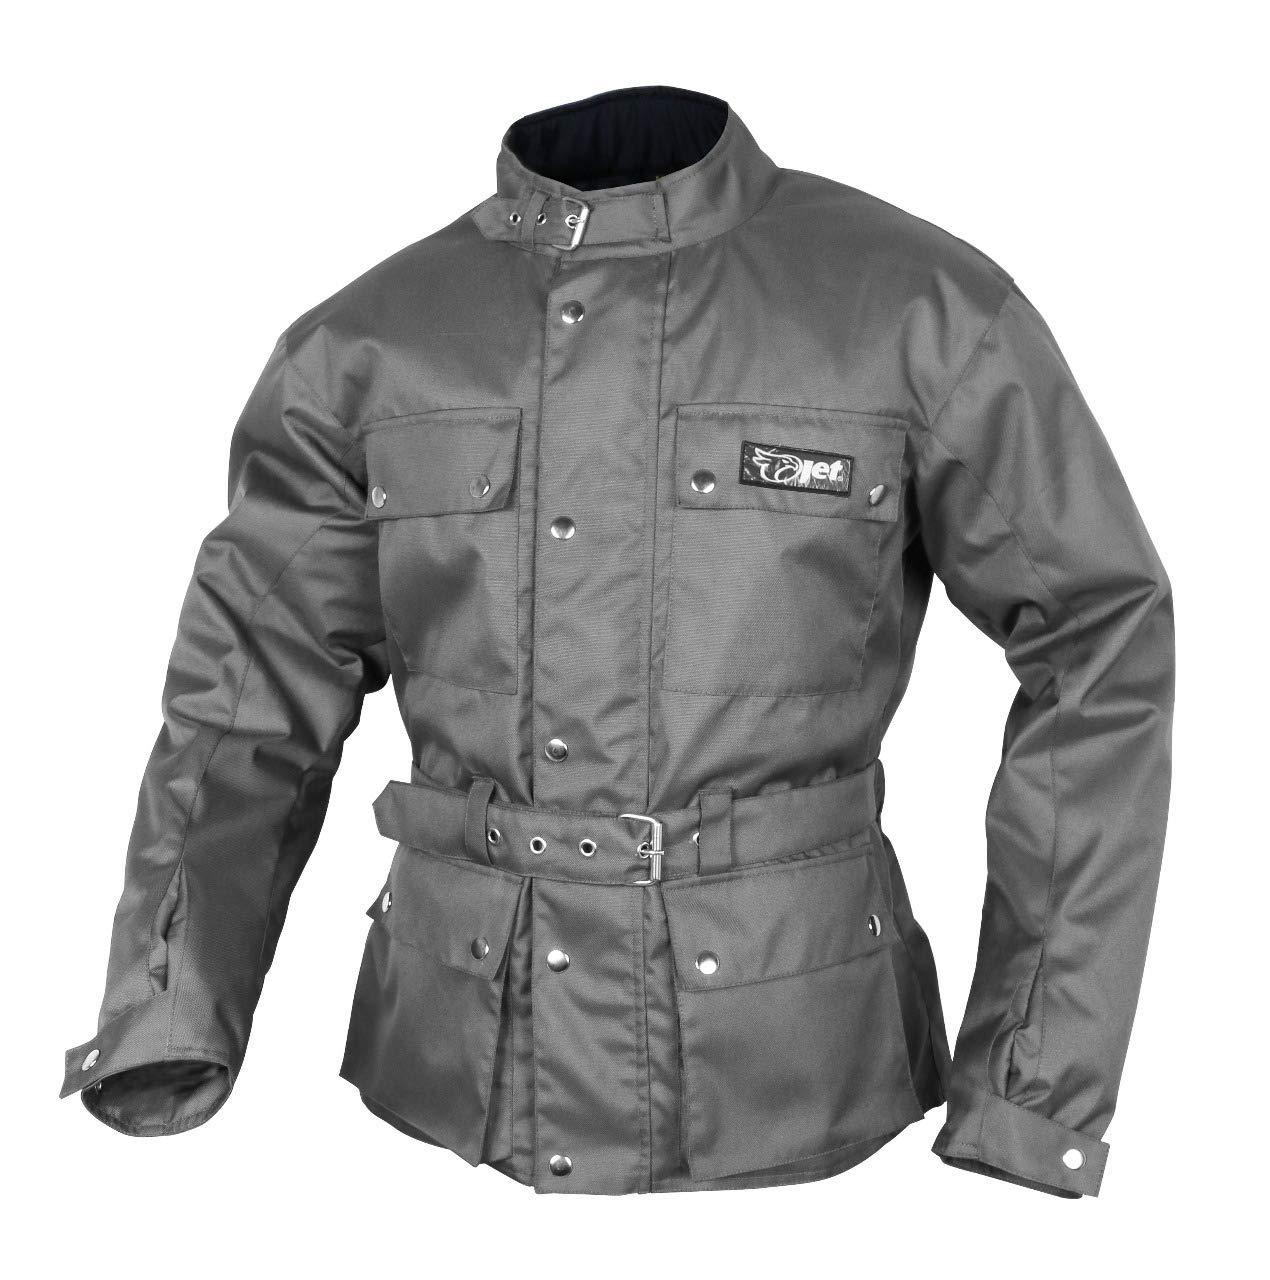 JET Chaqueta Moto Hombre Impermeable Textil con Armadura Vintage Retro Cl/ásico S EU 46-48 , Gris